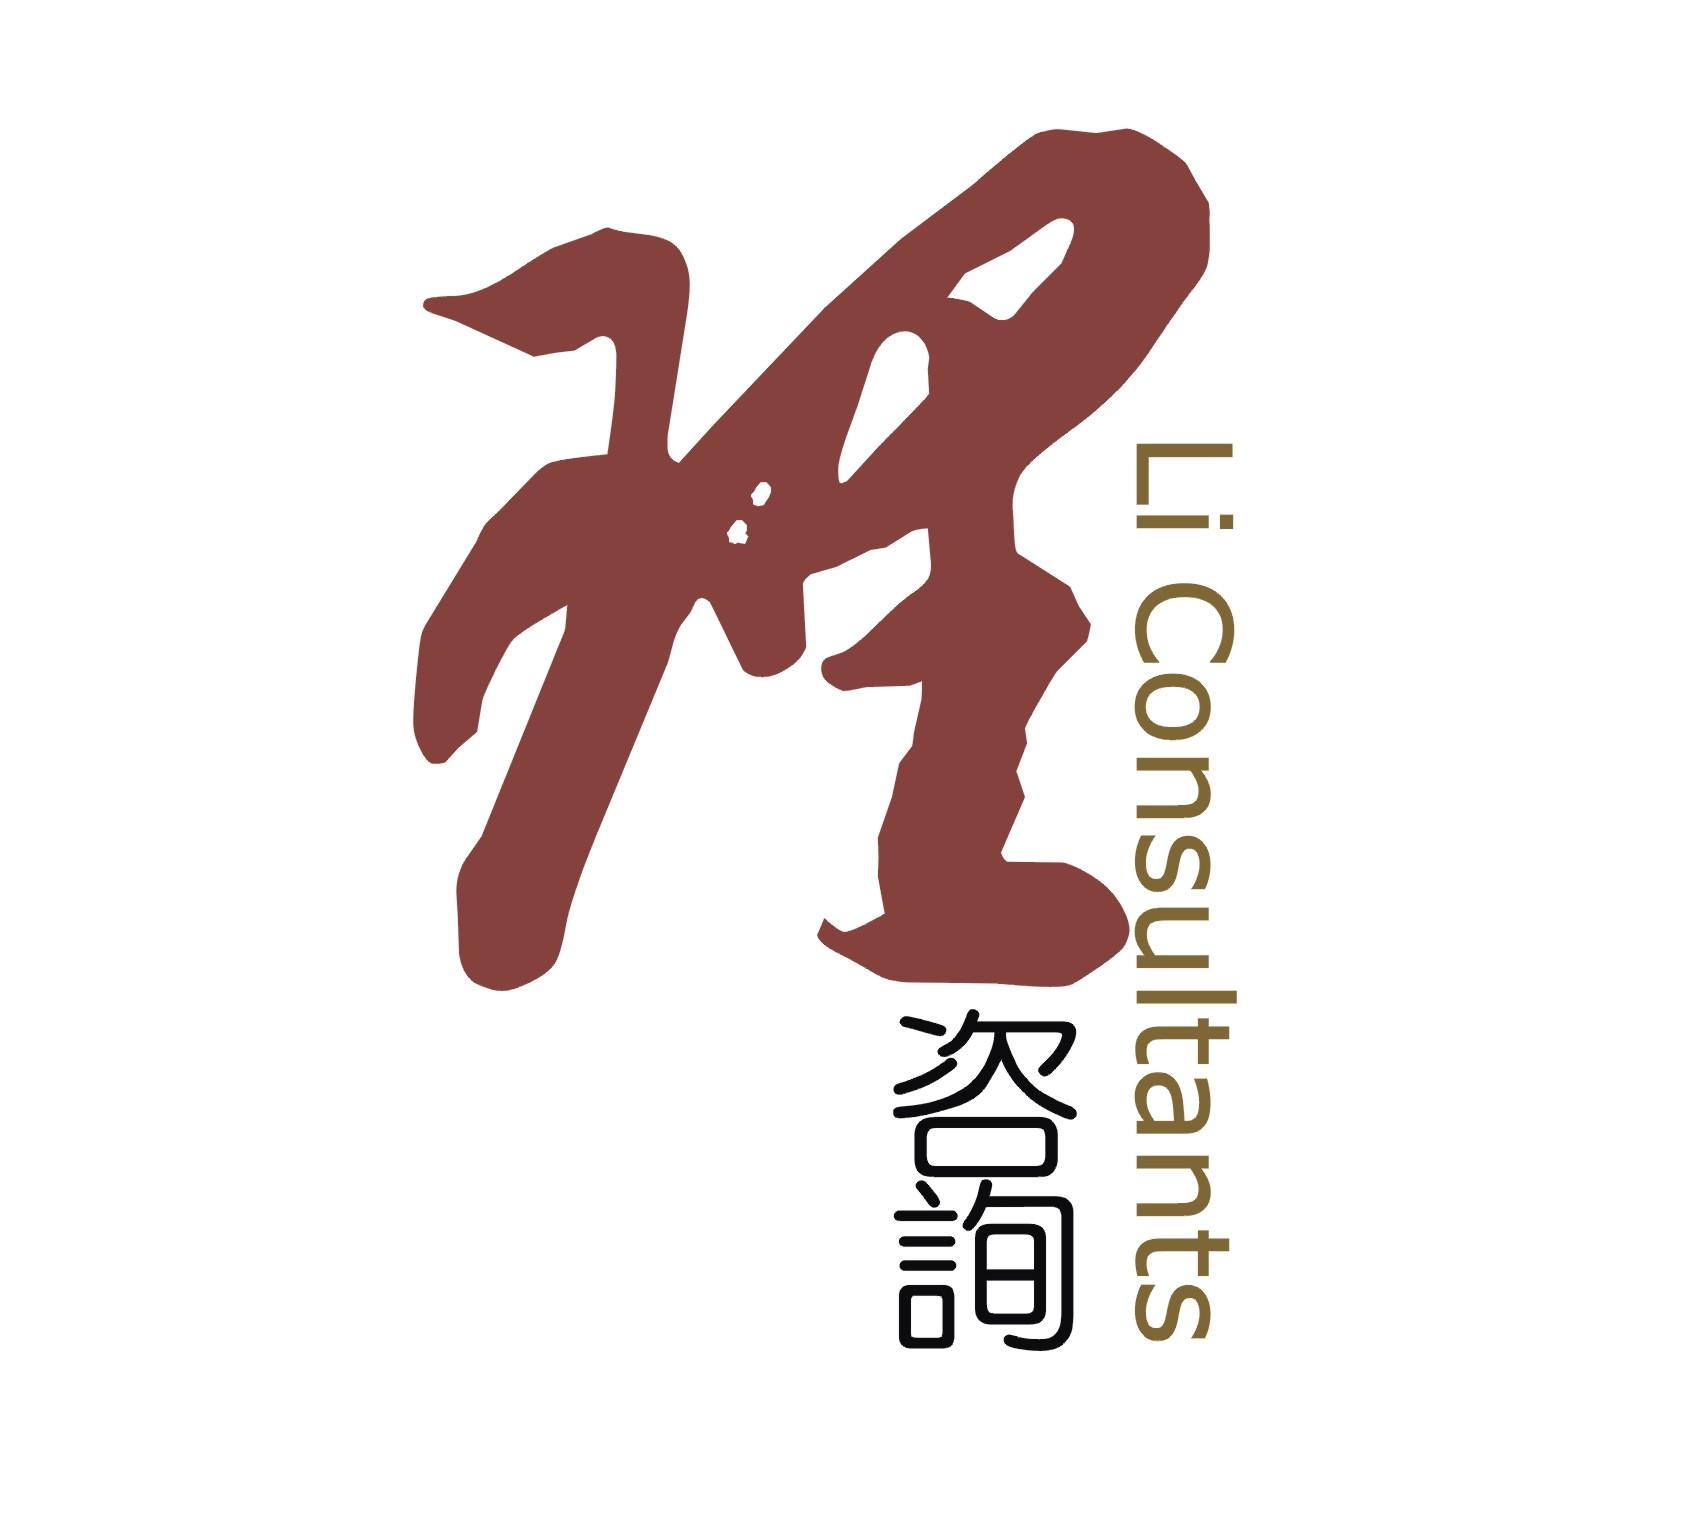 上海理咨询(汇财)企业管理咨询有限公司的企业标志